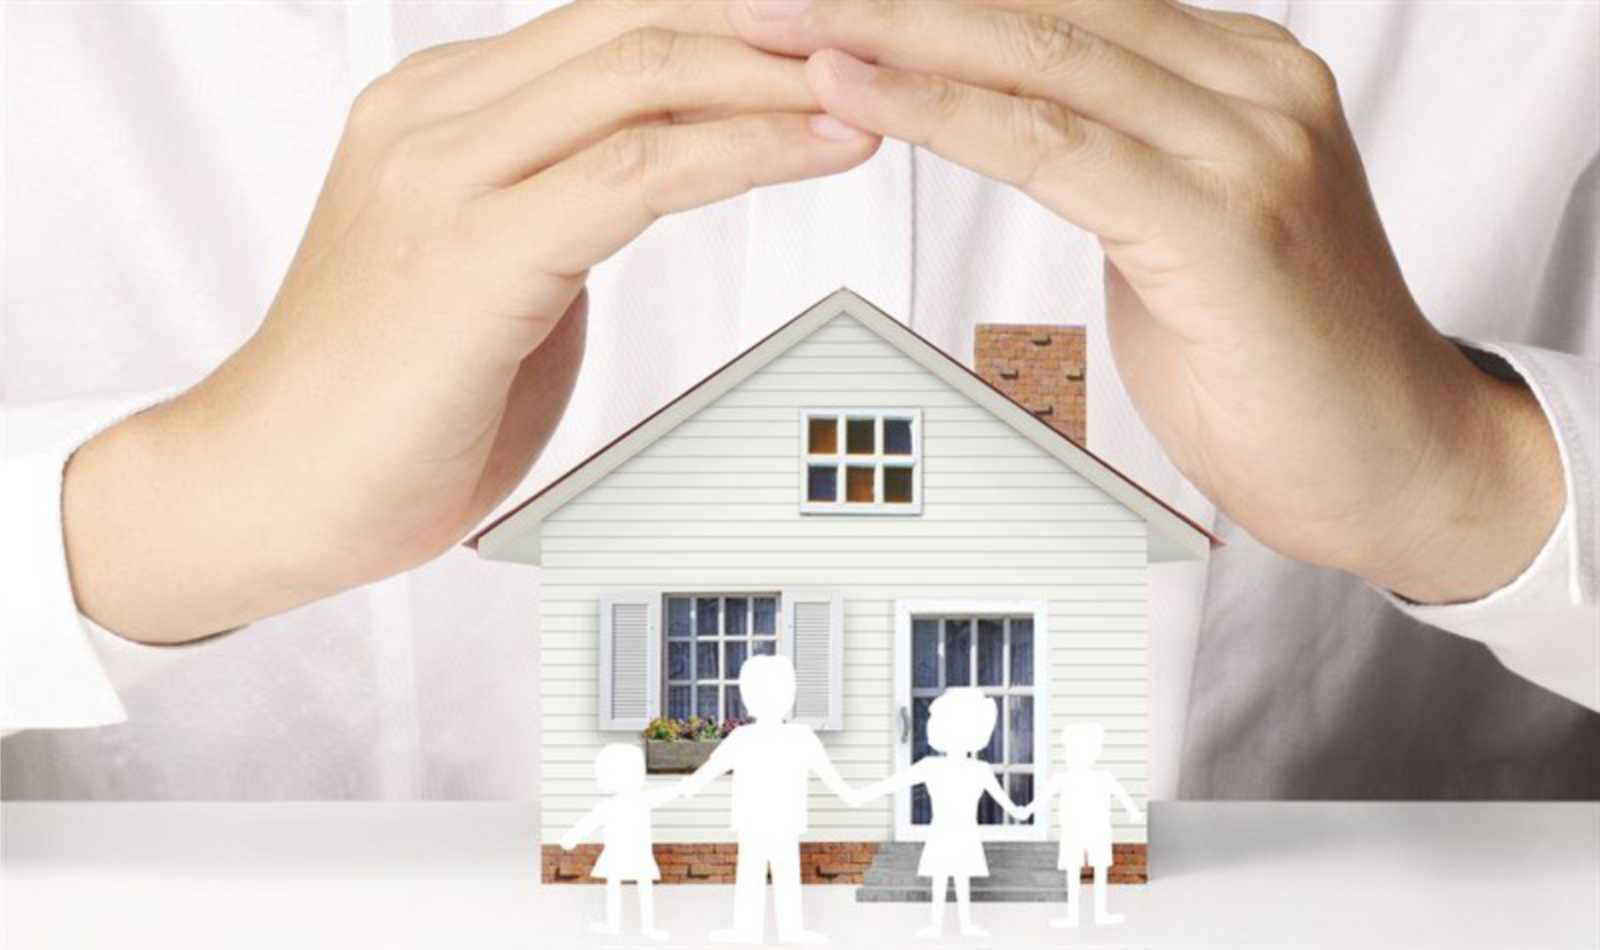 Πρόγραμμα ασφάλισης κατοικίας Minetta